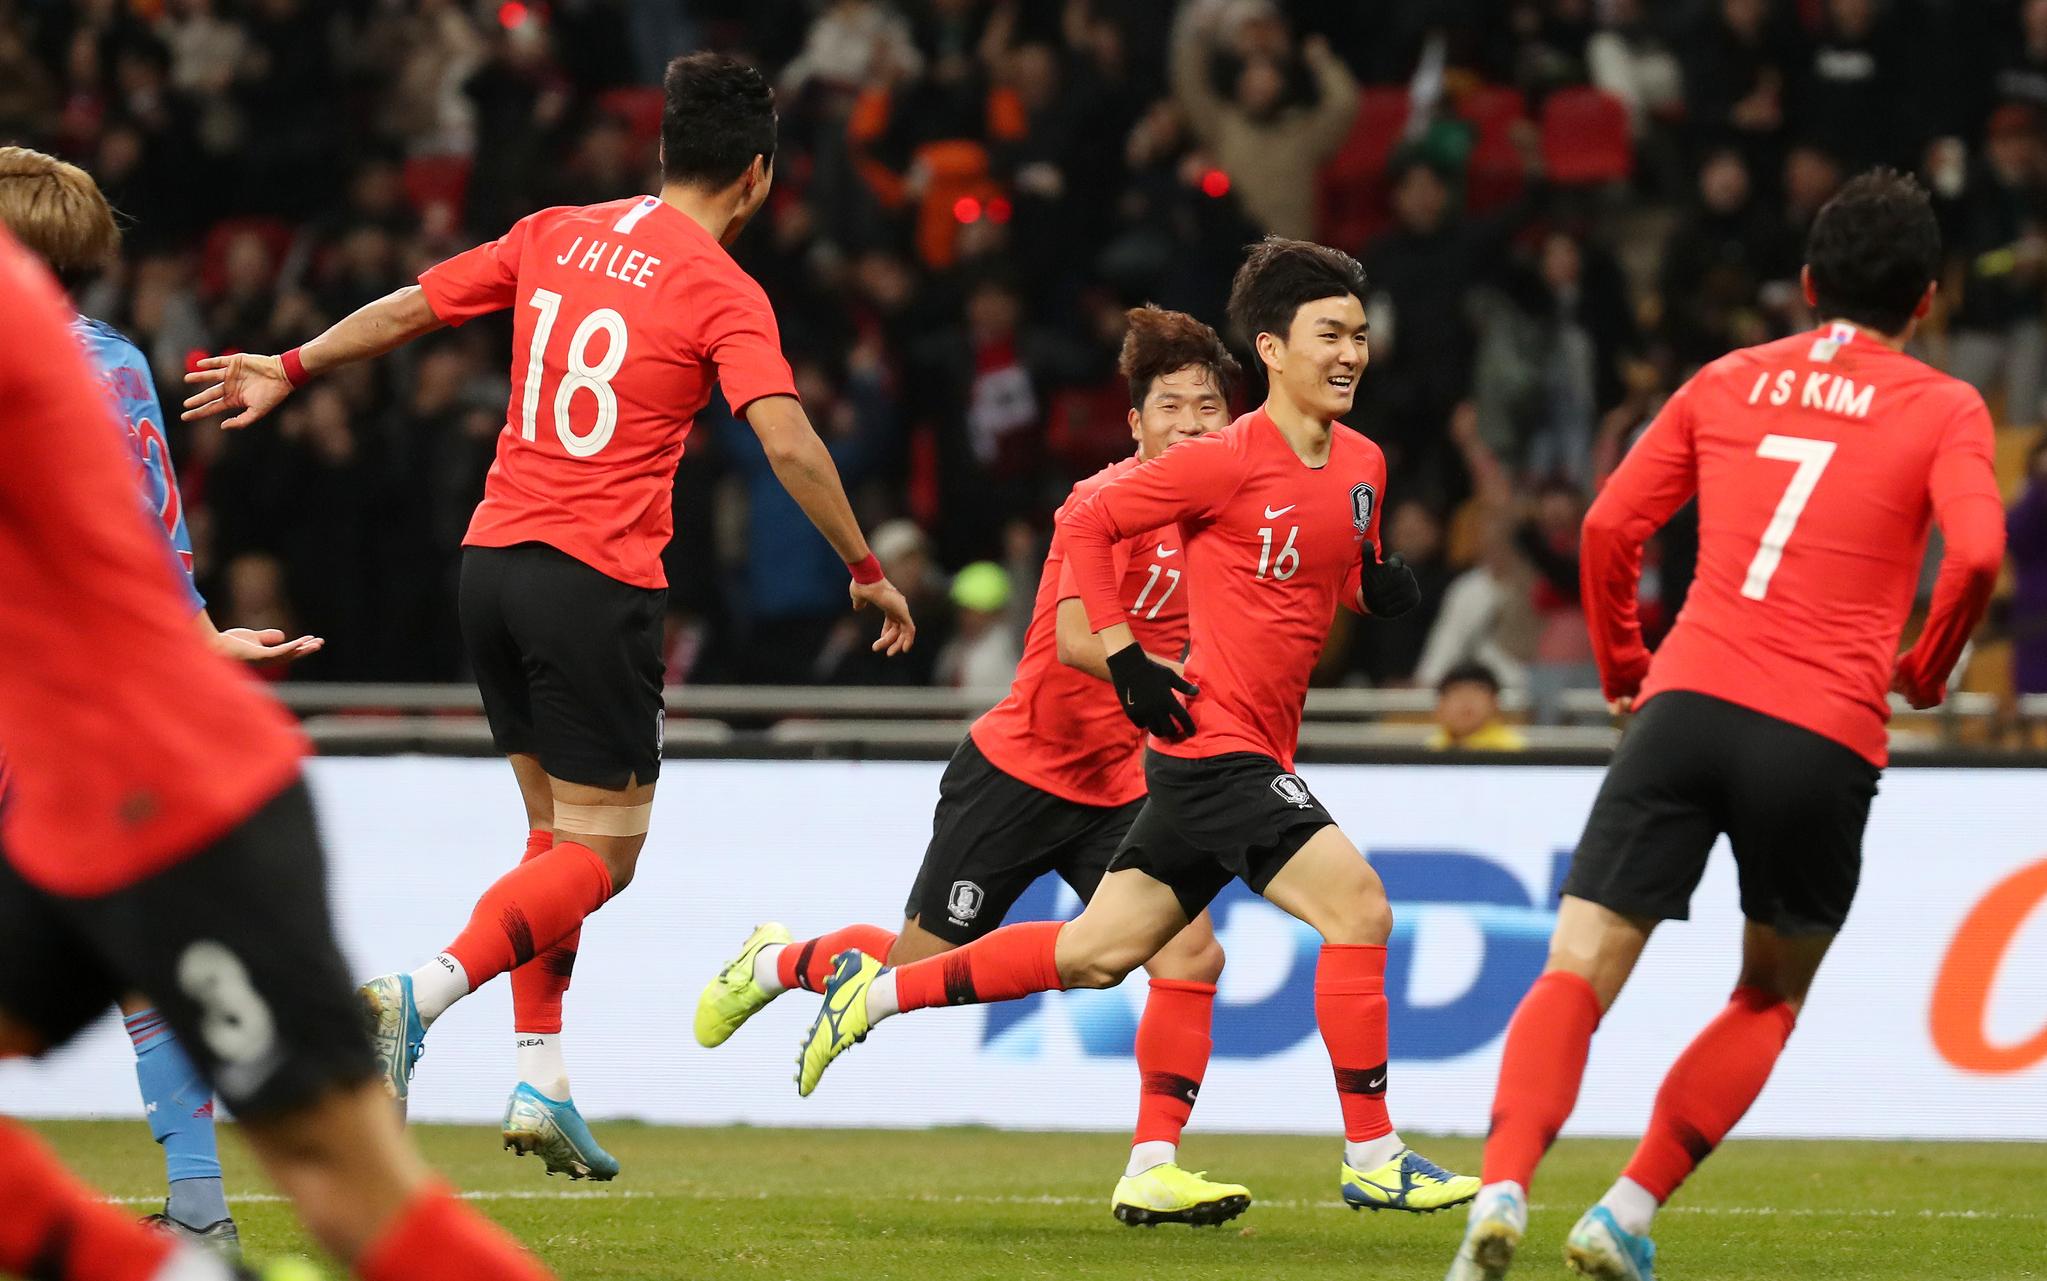 18일 부산아시아드주경기장에서 열린 동아시안컵 일본전에서 황인범이 선제골을 넣은 후 기뻐하고 있다. [뉴스1]